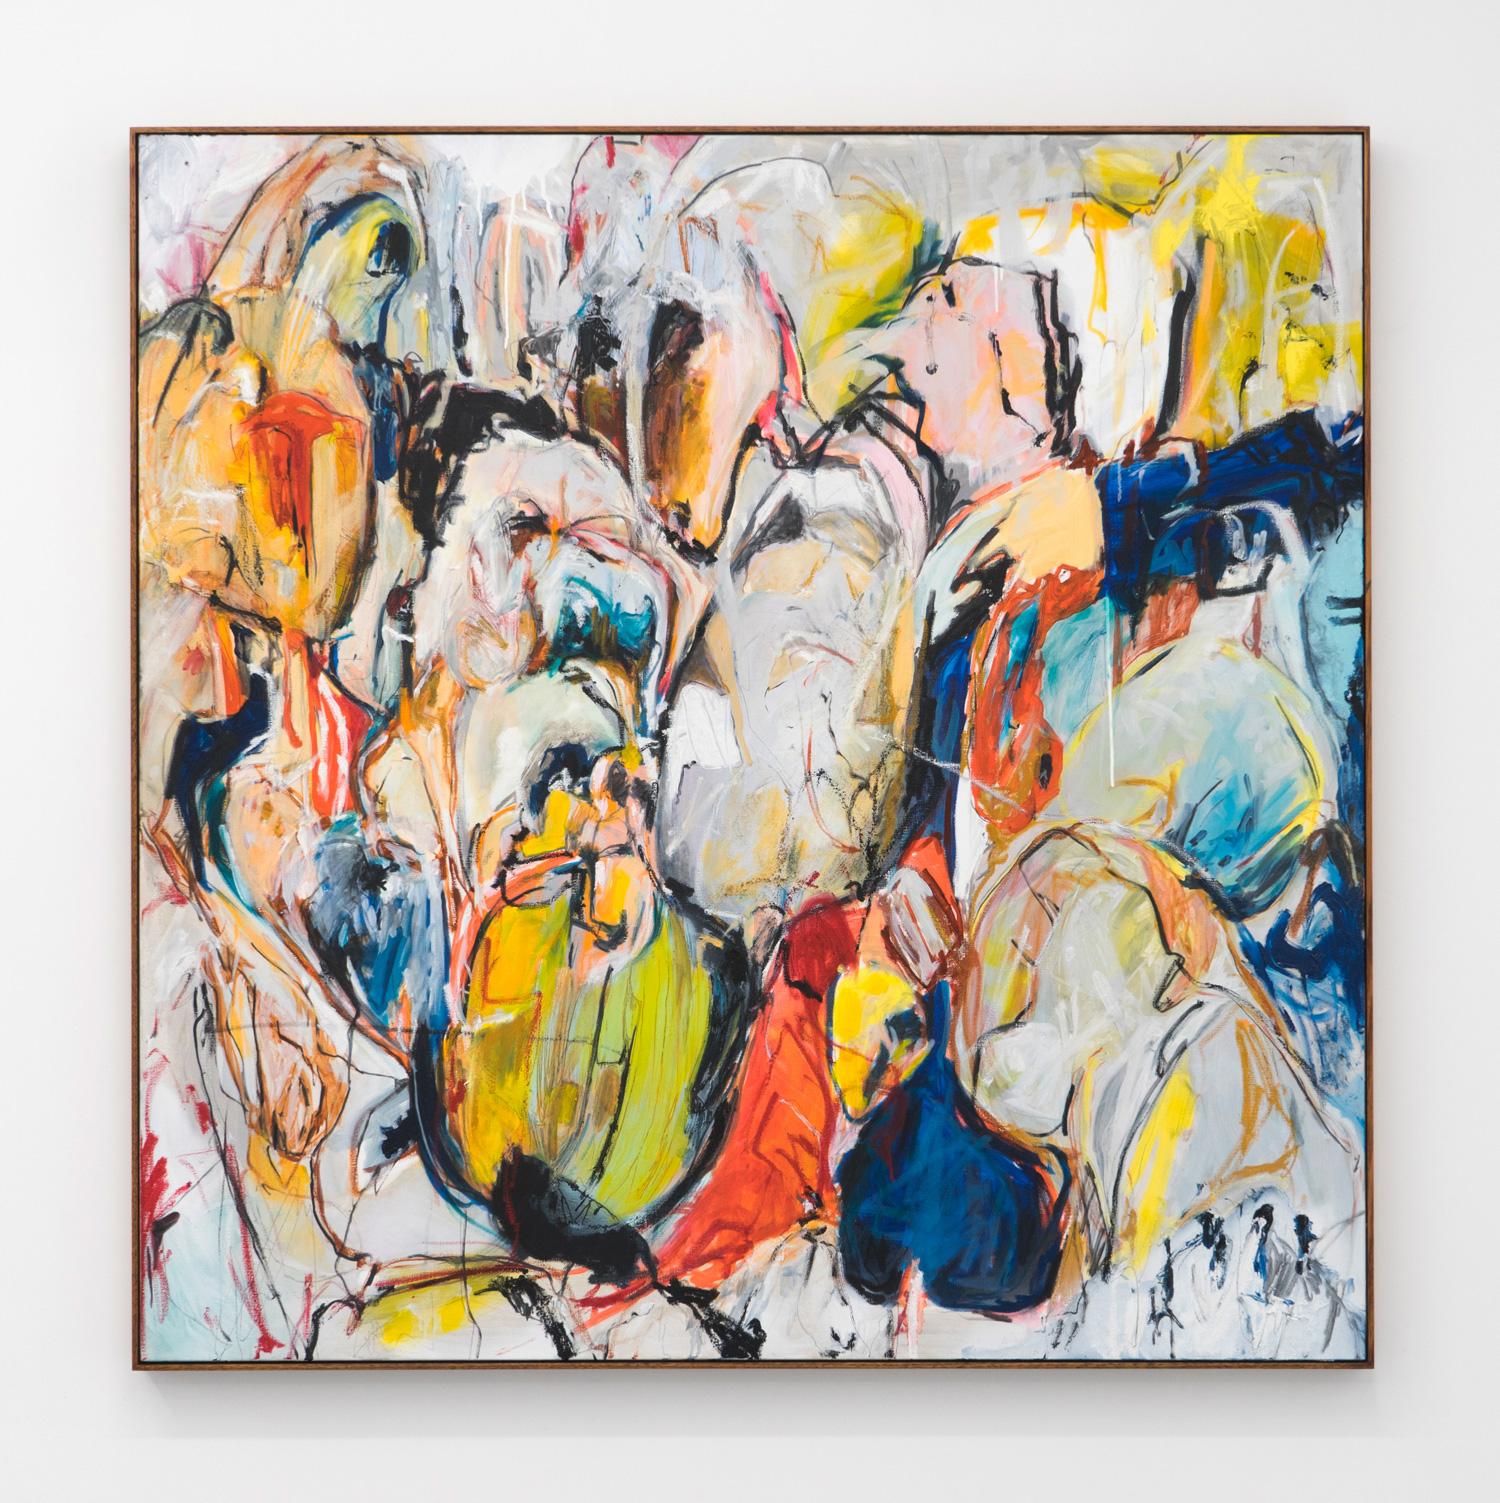 Untitled (Boundary Behaviour II), 2018 oil, enamel & oil stick on linen  139 x 138.5cm (framed)